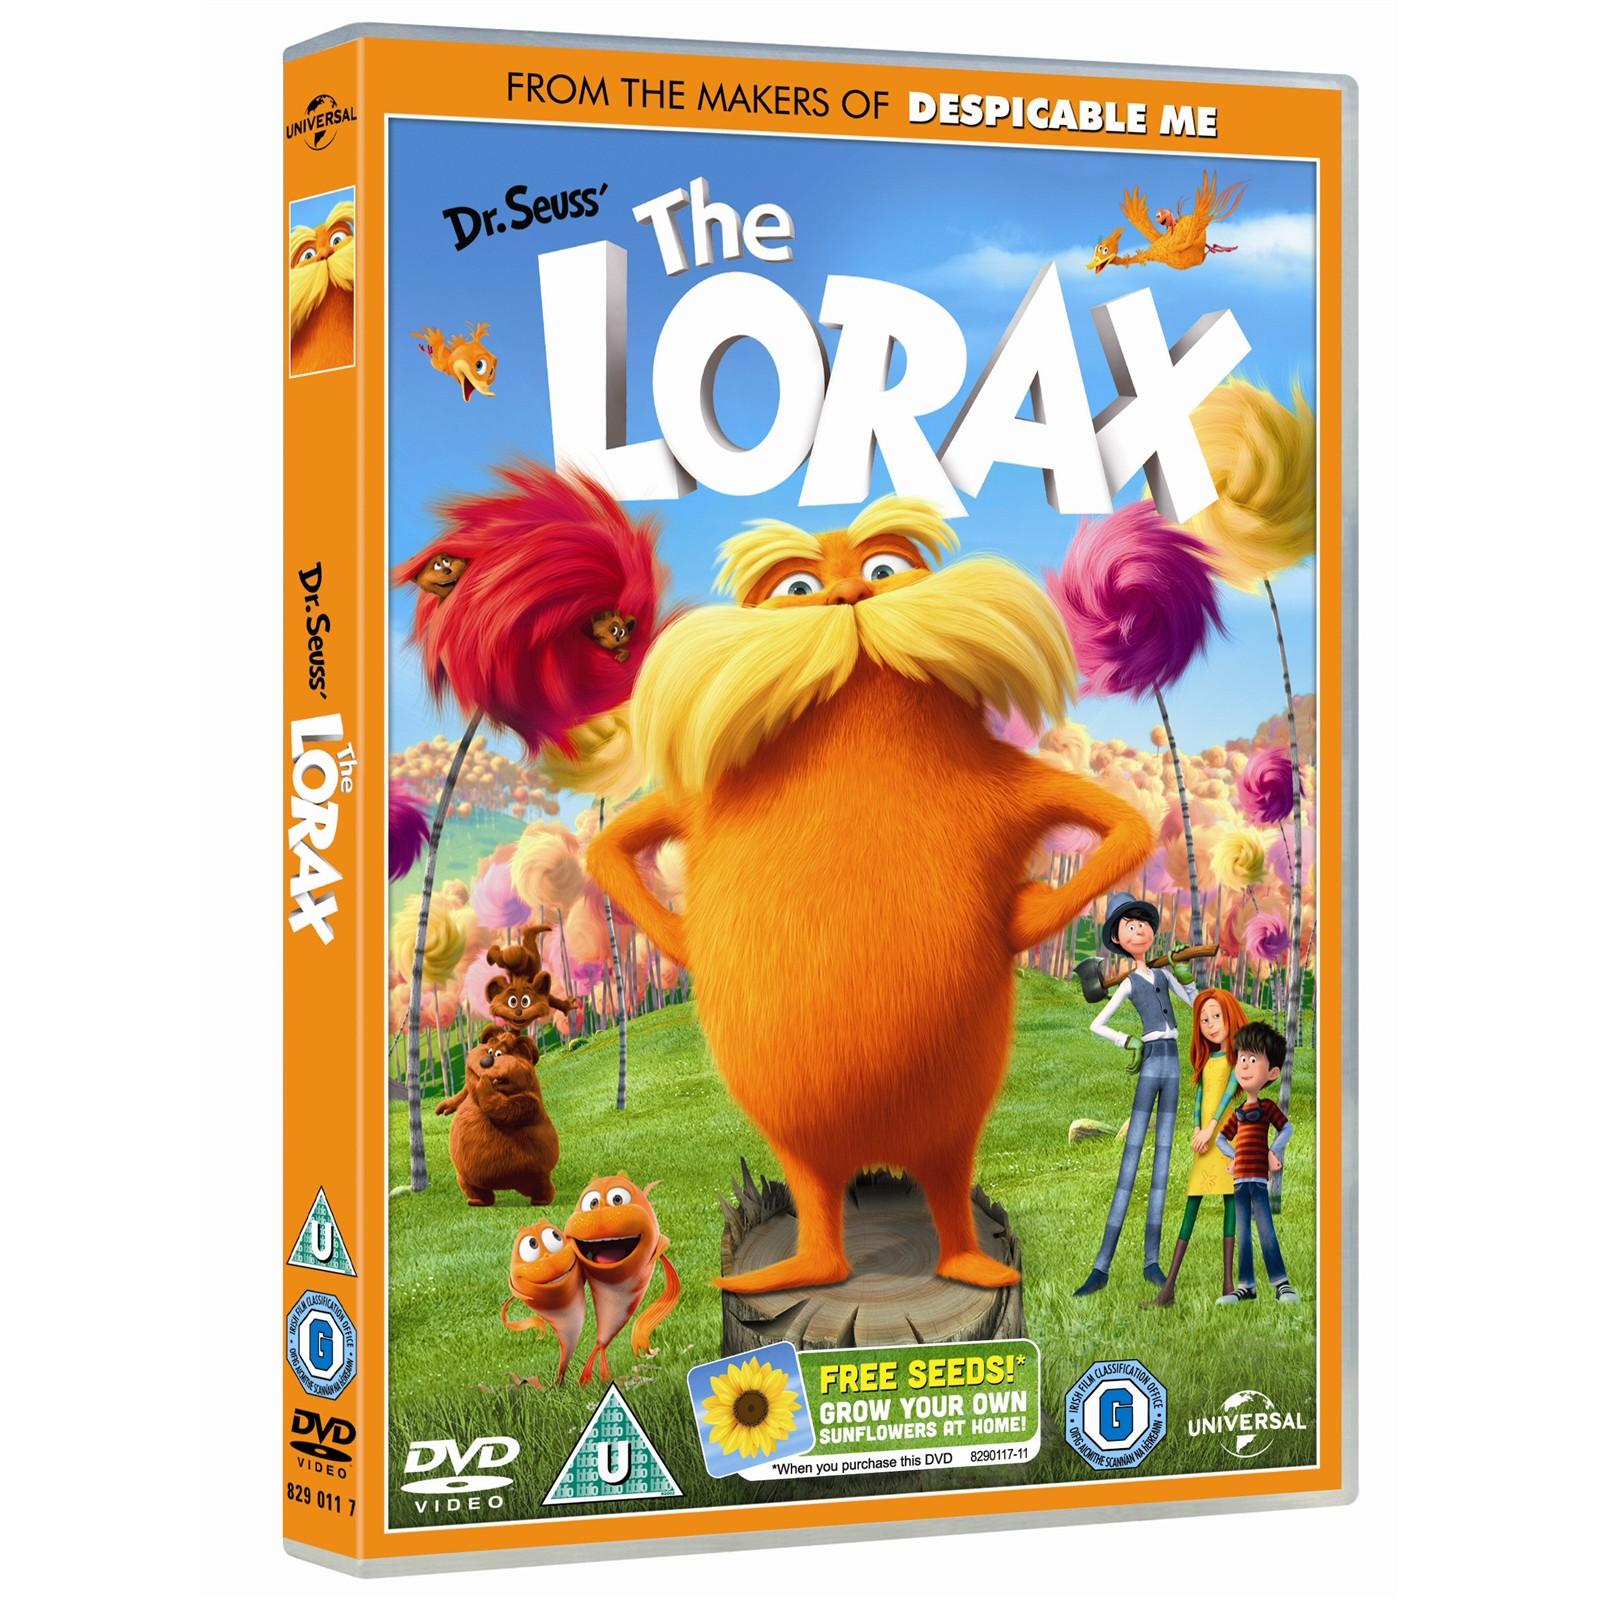 فيلم الأنيمىشن Dr. Seuss The Lorax 2012  مترجم جودة عالية